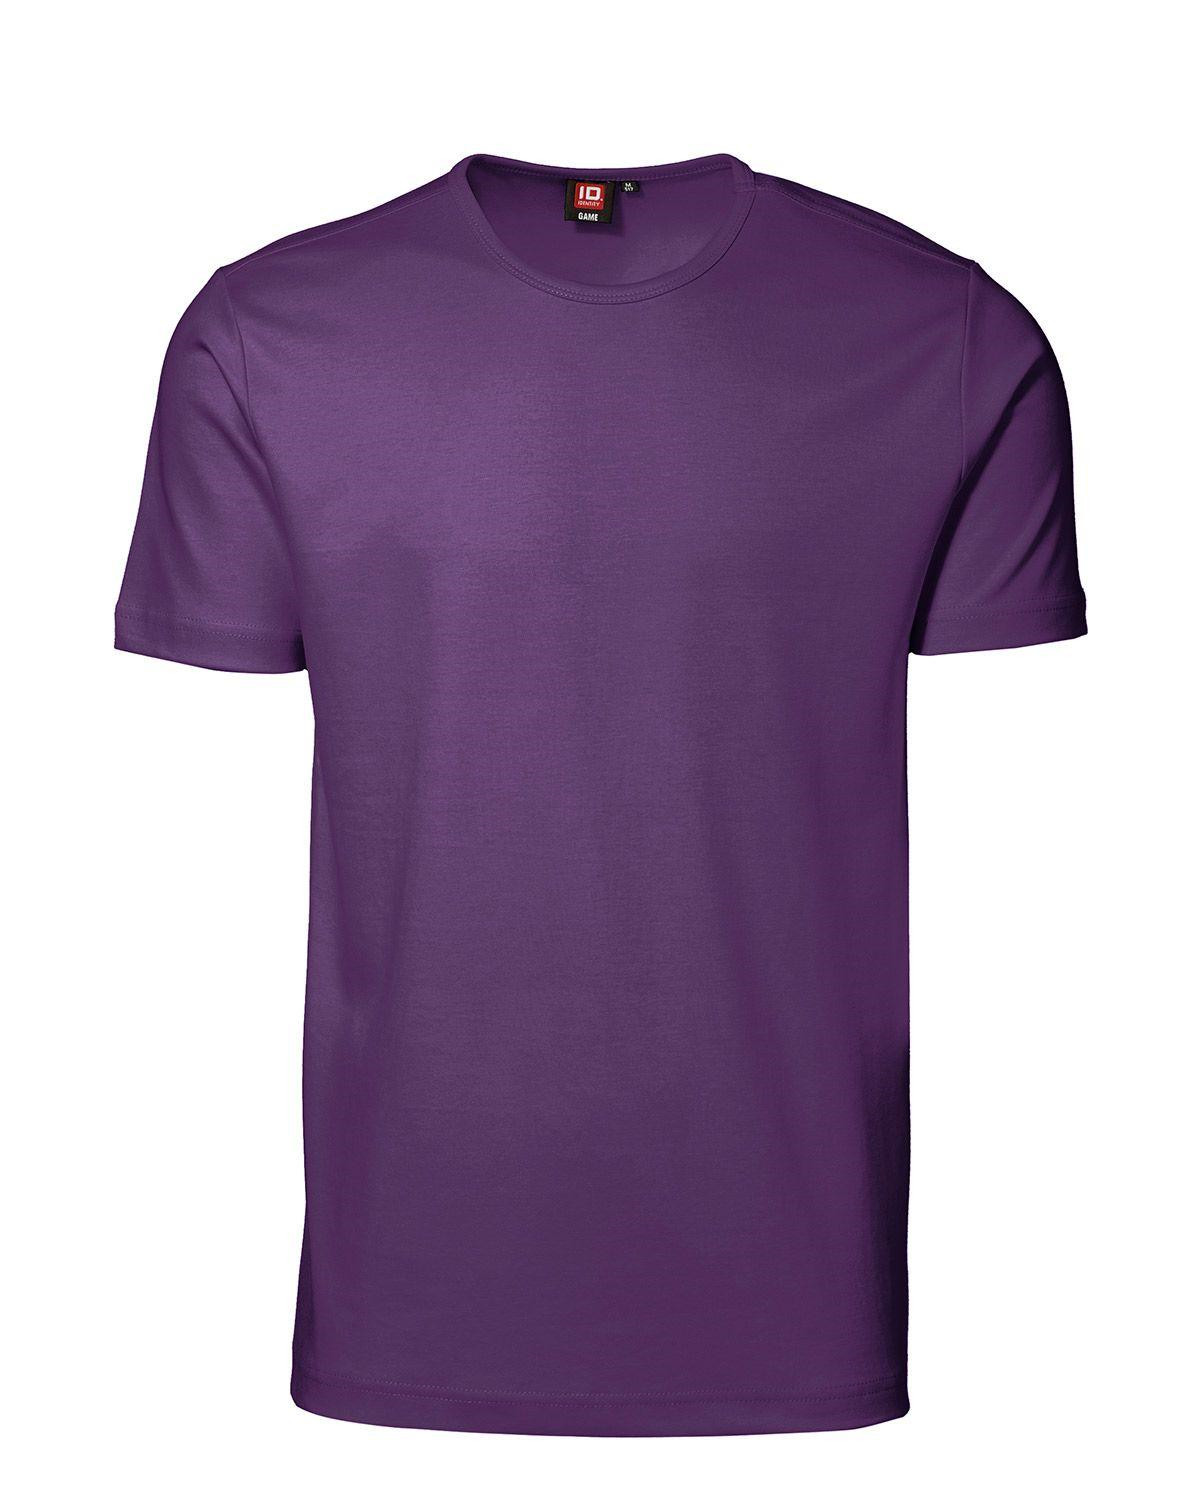 ID Interlock T-shirt (Lila, XL)